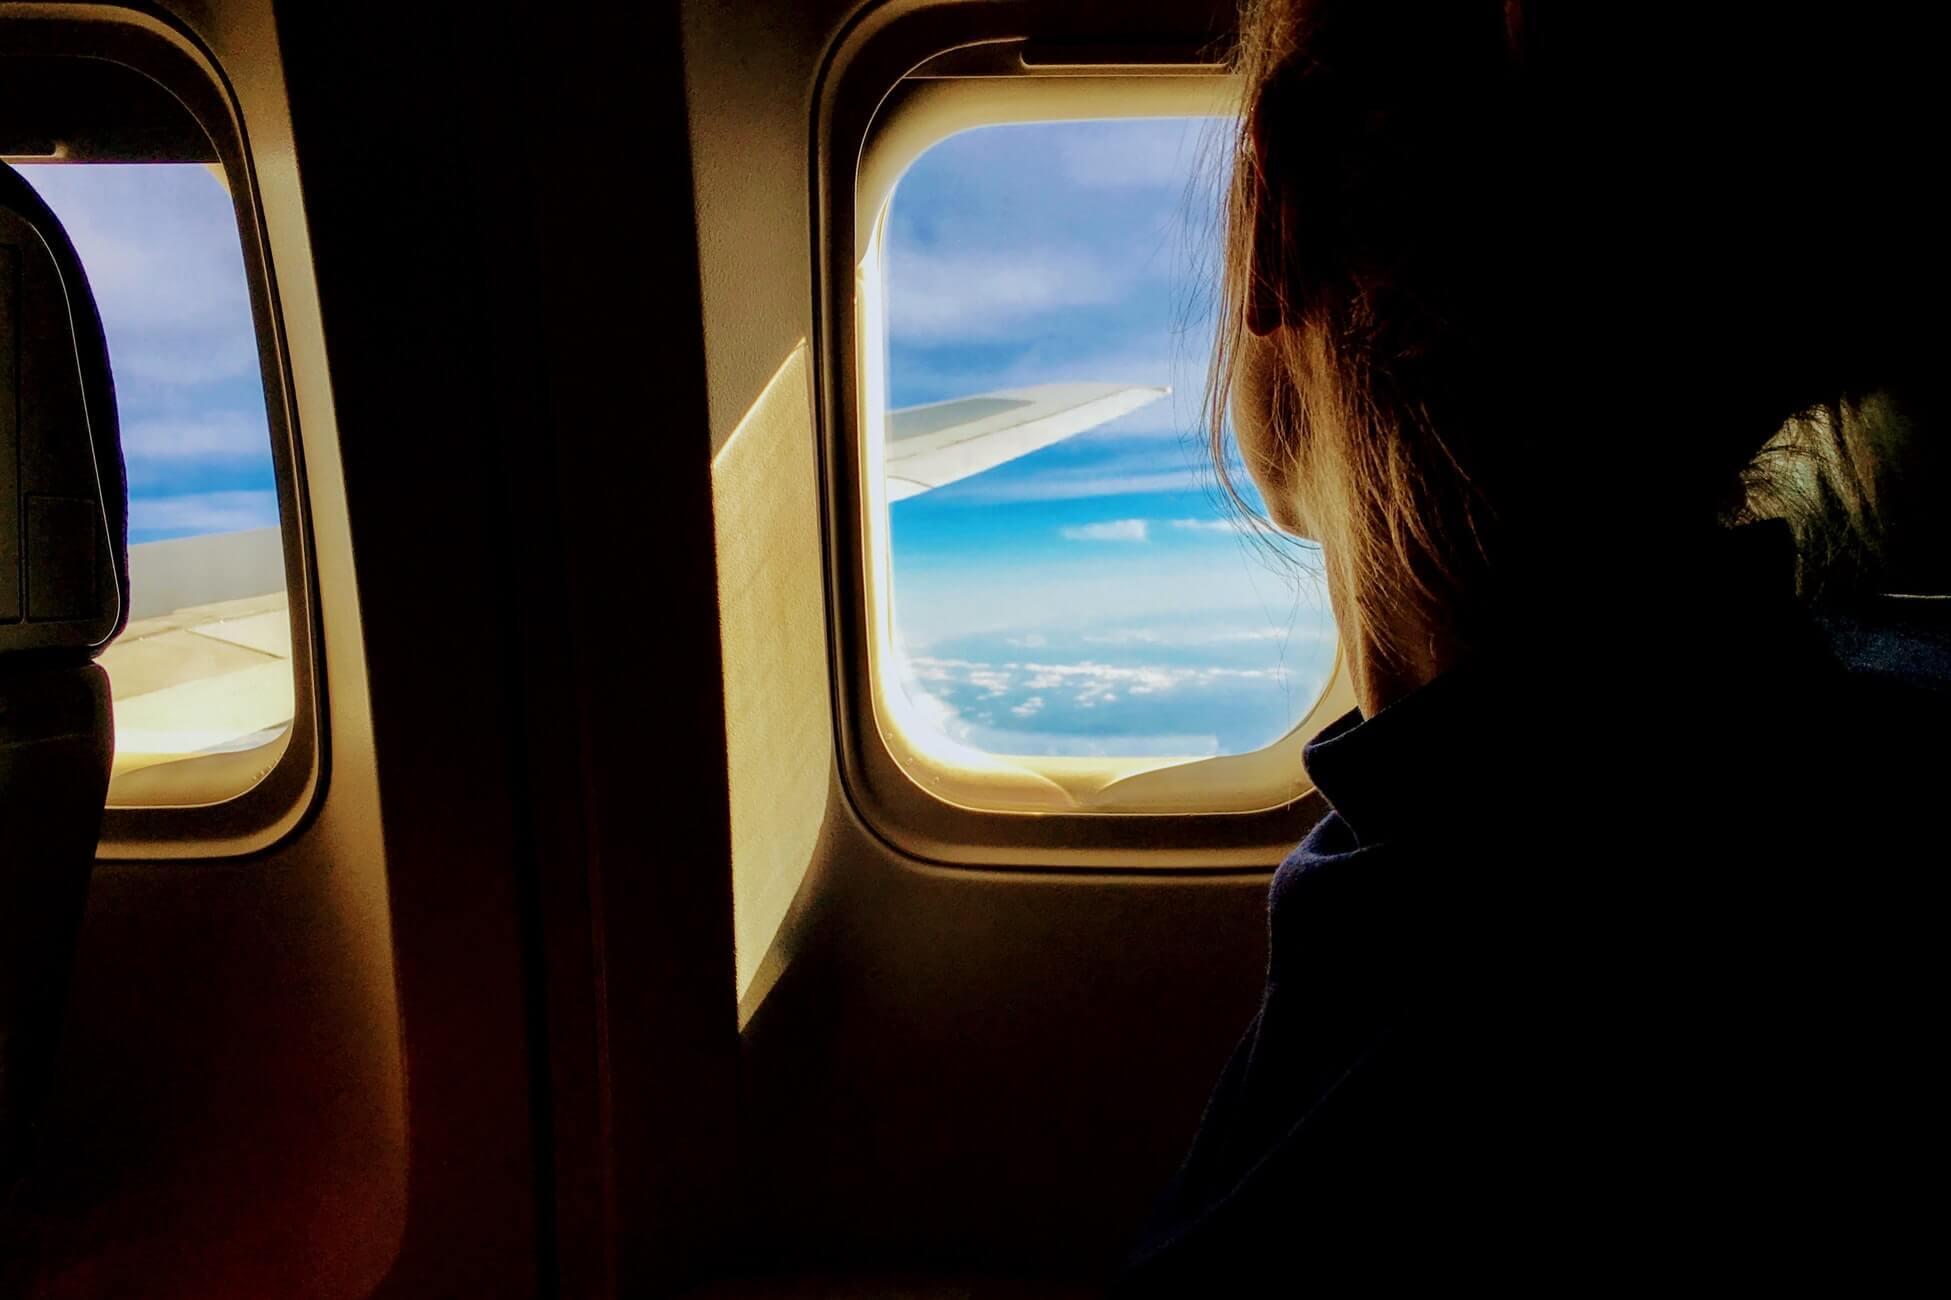 Поясним за новости: зачем пассажиры покупают места в самолёте